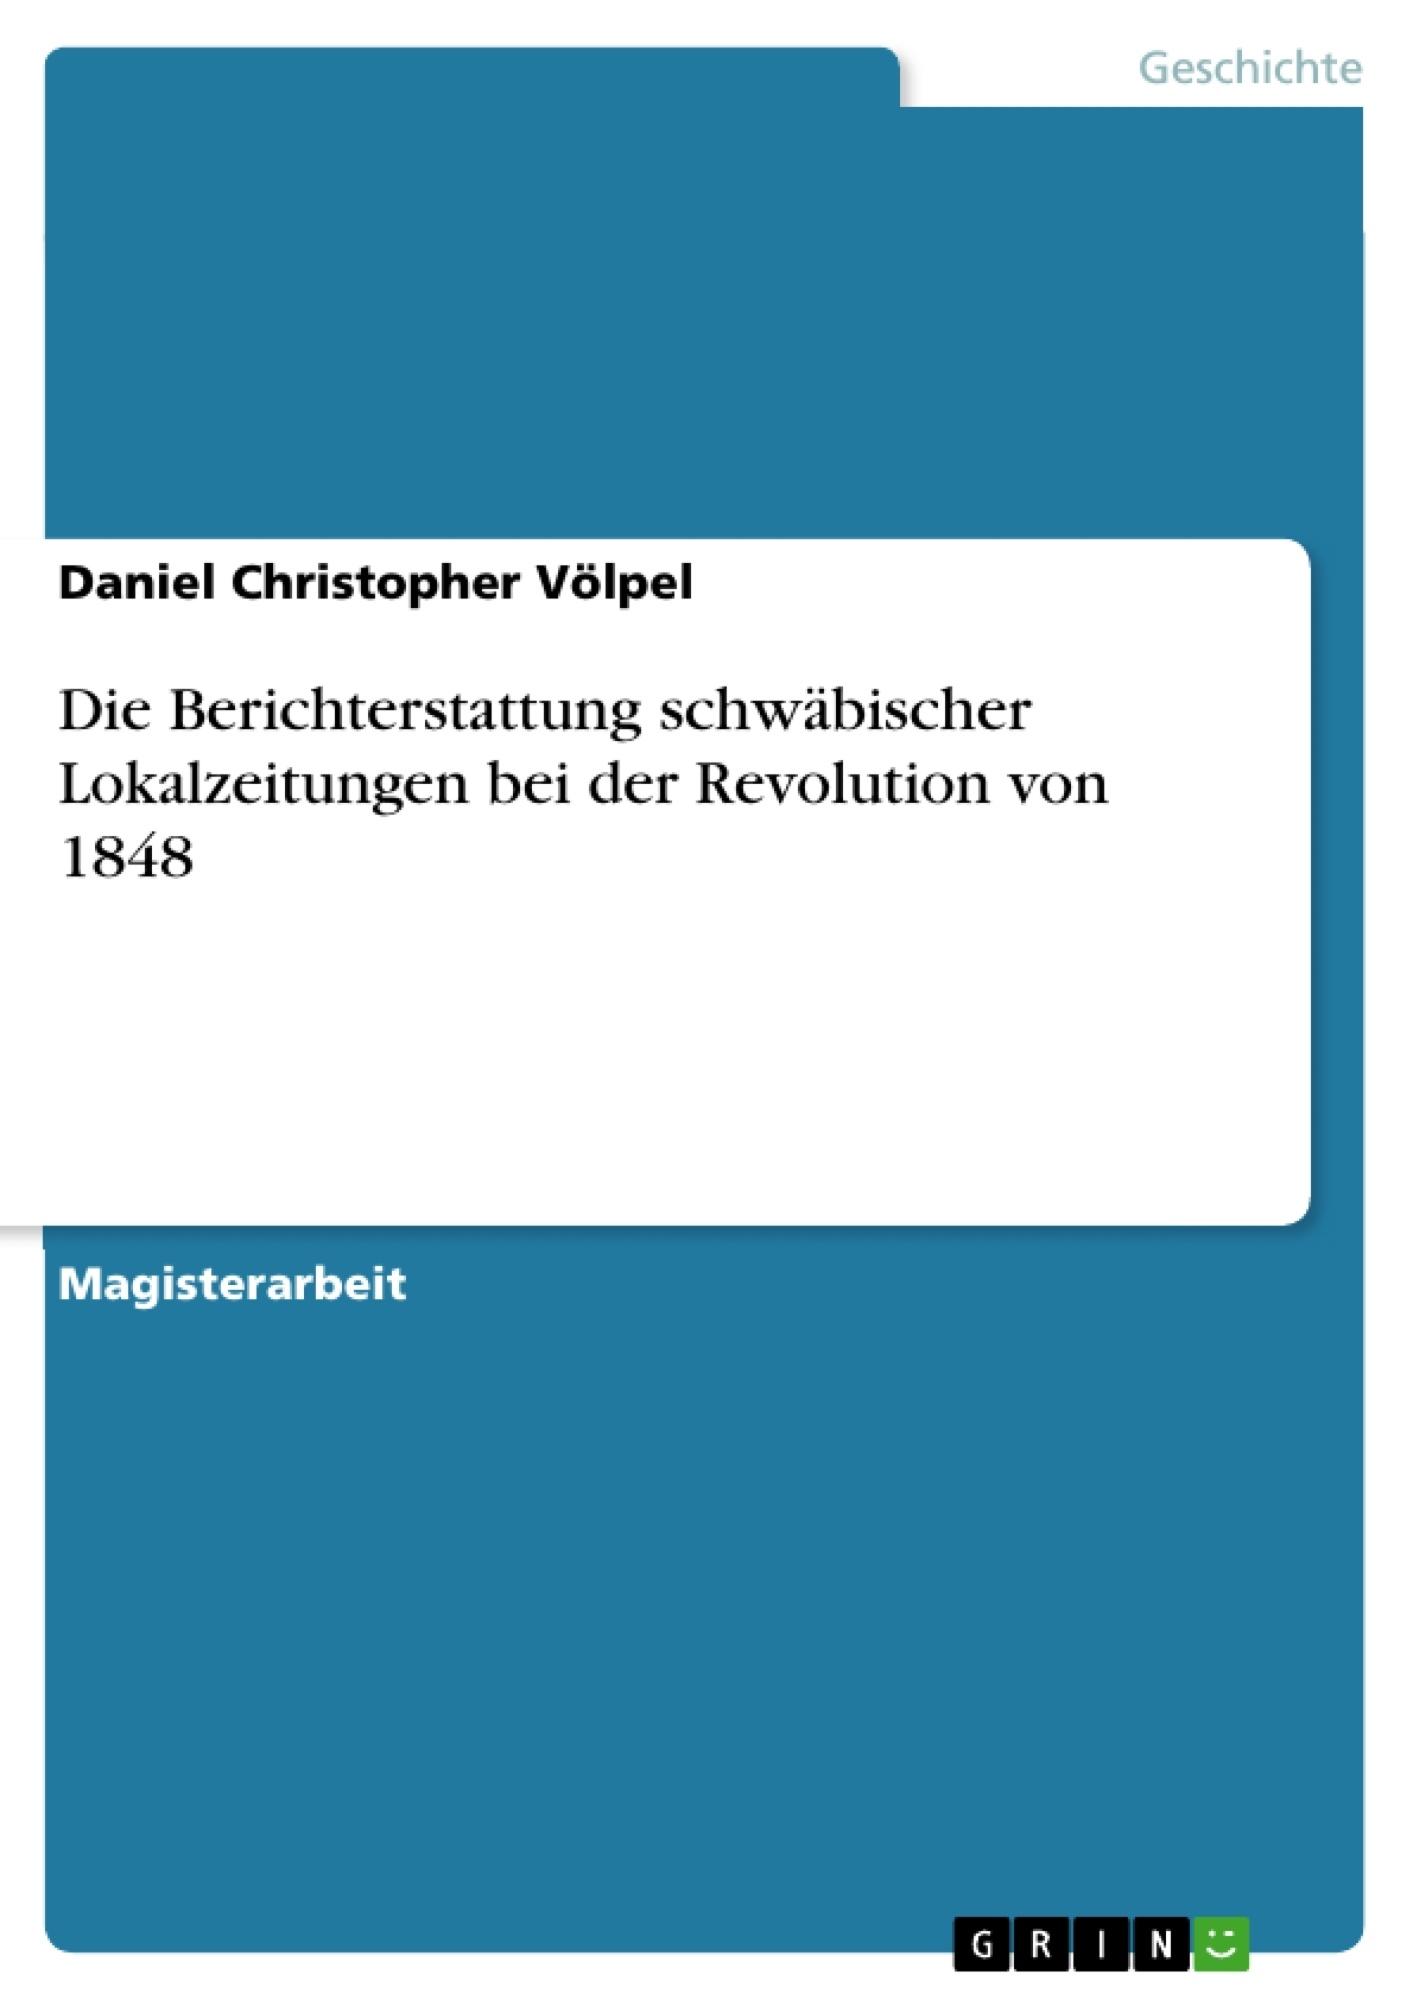 Titel: Die Berichterstattung schwäbischer Lokalzeitungen bei der Revolution von 1848